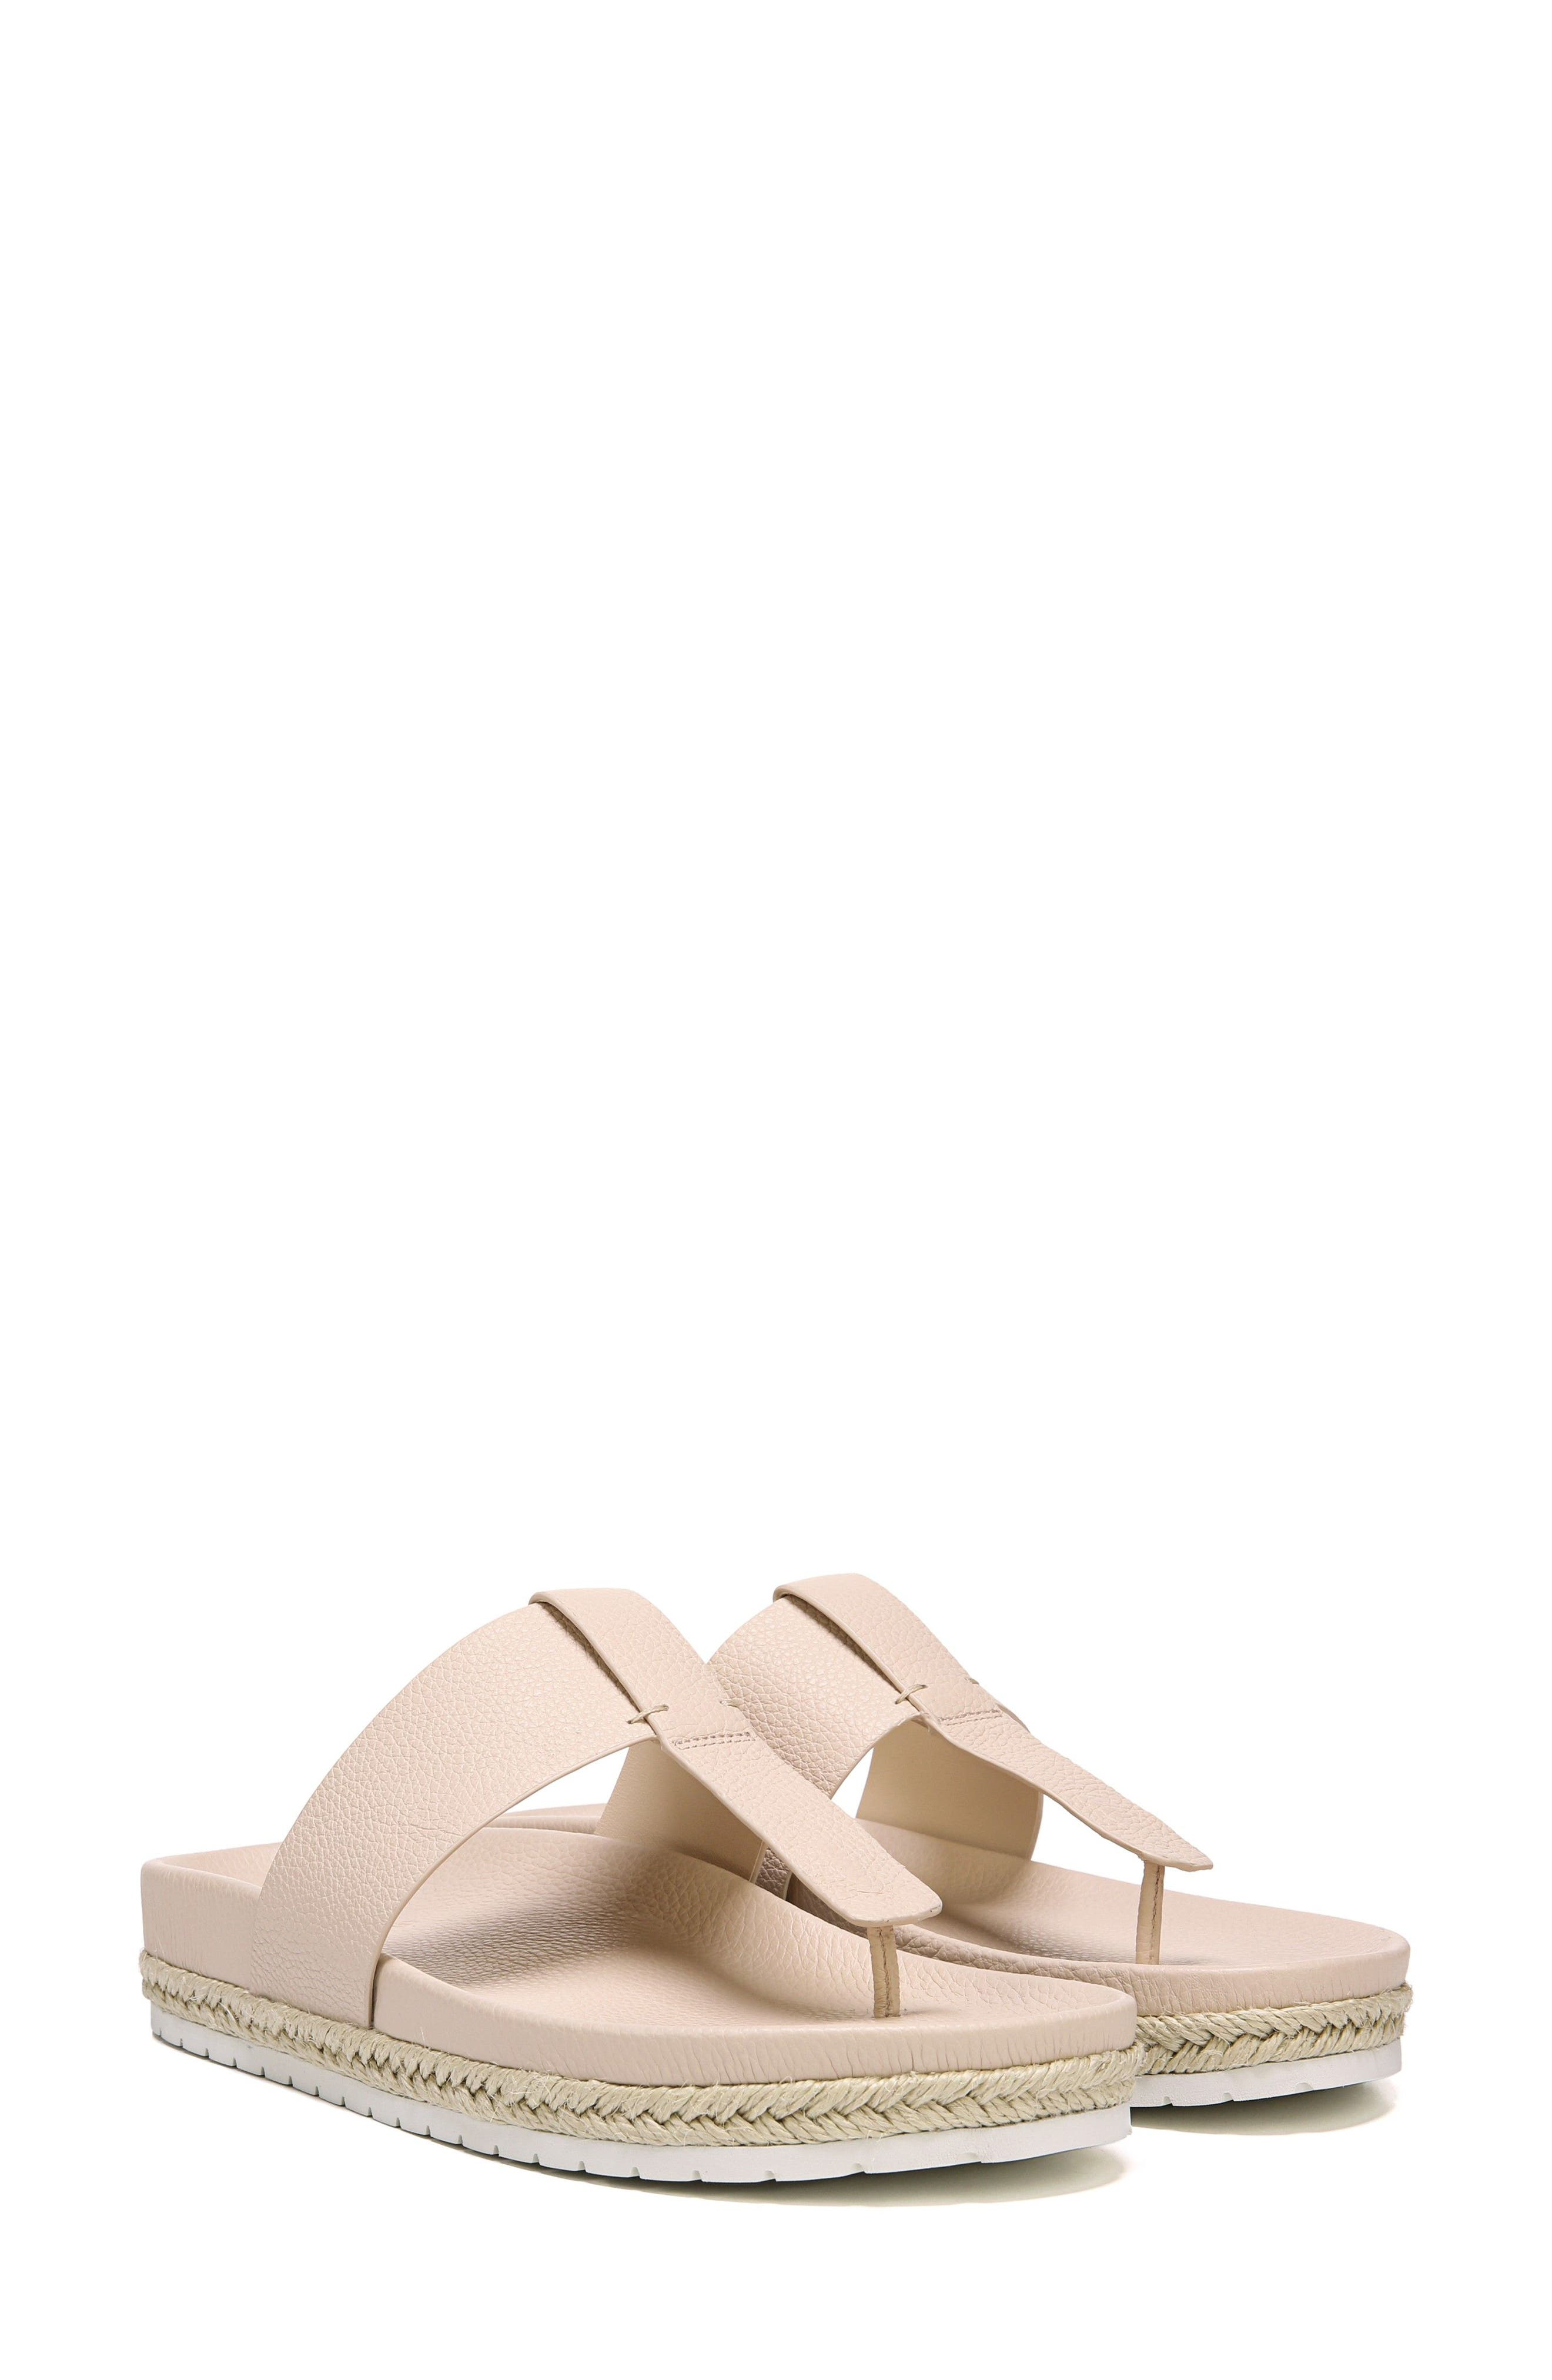 Avani T-Strap Flat Sandal,                             Alternate thumbnail 32, color,